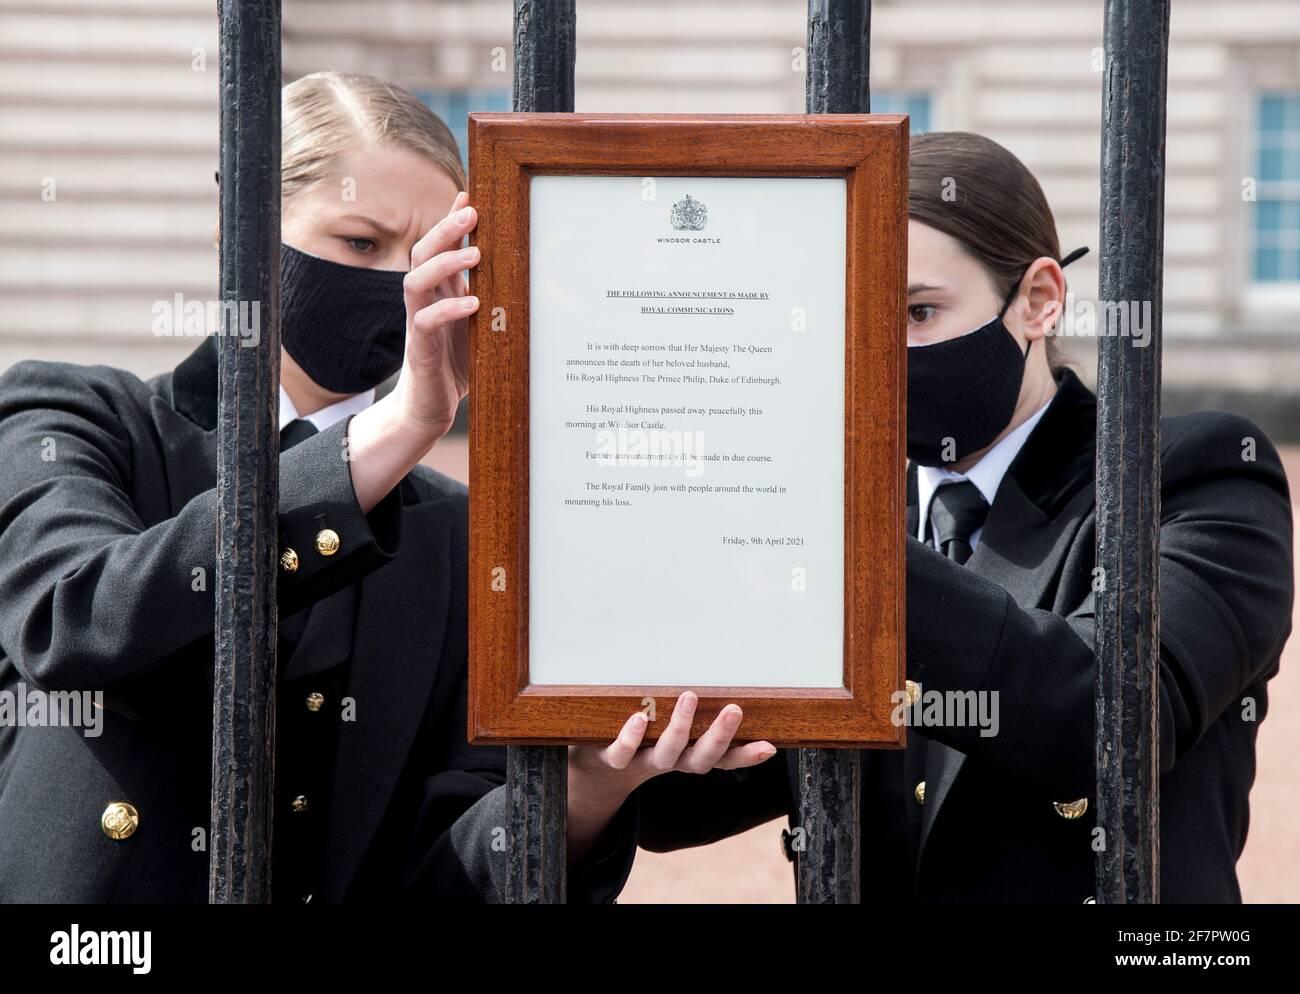 Ein Zeichen, das den Tod des britischen Prinzen Philip, Herzog von Edinburgh, ankündigt, der im Alter von 99 Jahren gestorben ist, wird am 9. April 2021 vor den Toren des Buckingham Palace in London, Großbritannien, angebracht. Ian West/Pool via REUTERS Stockfoto